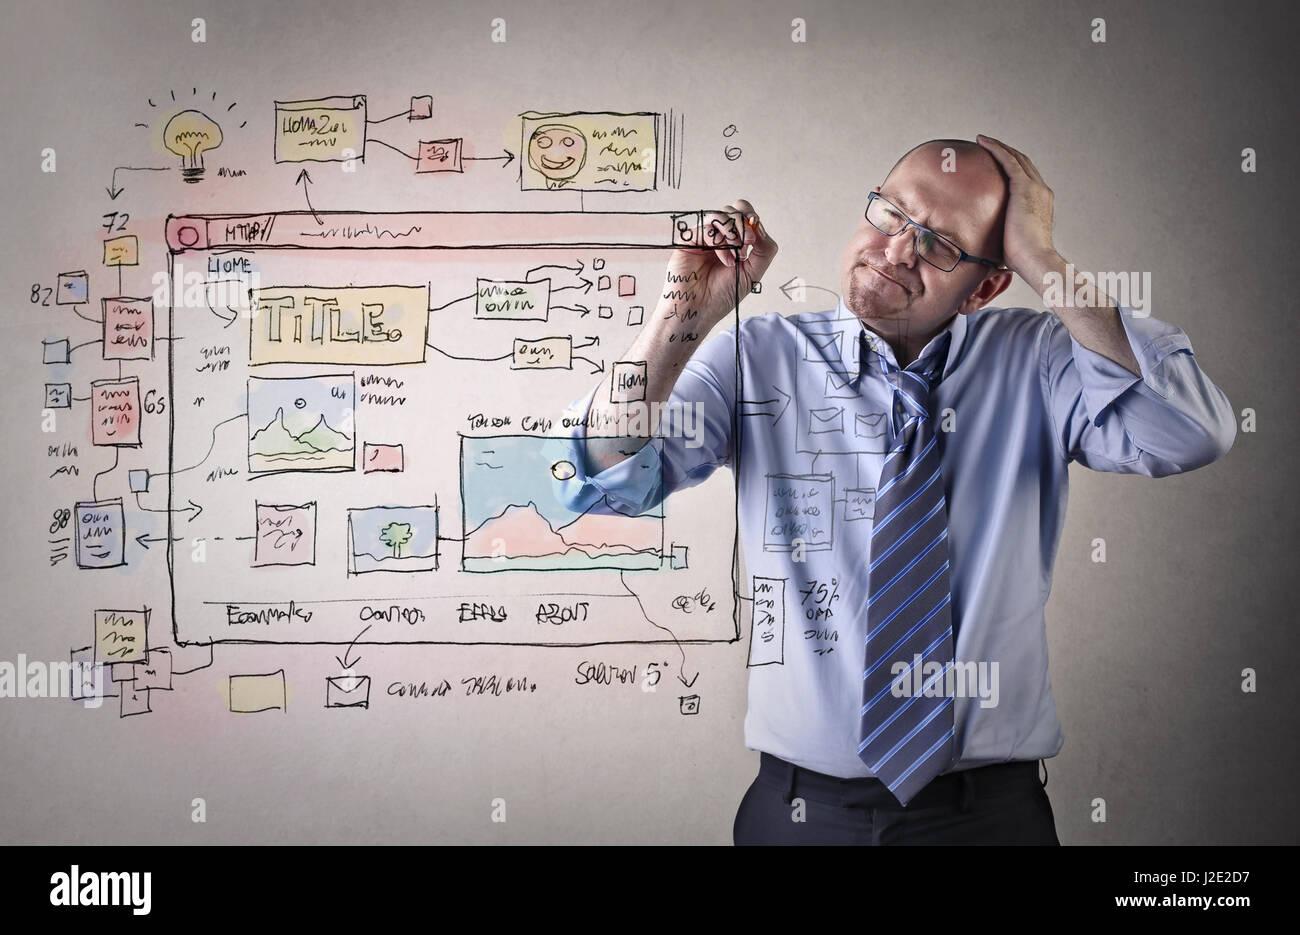 Empresario cosa y planificación por el dibujo y la escritura Imagen De Stock